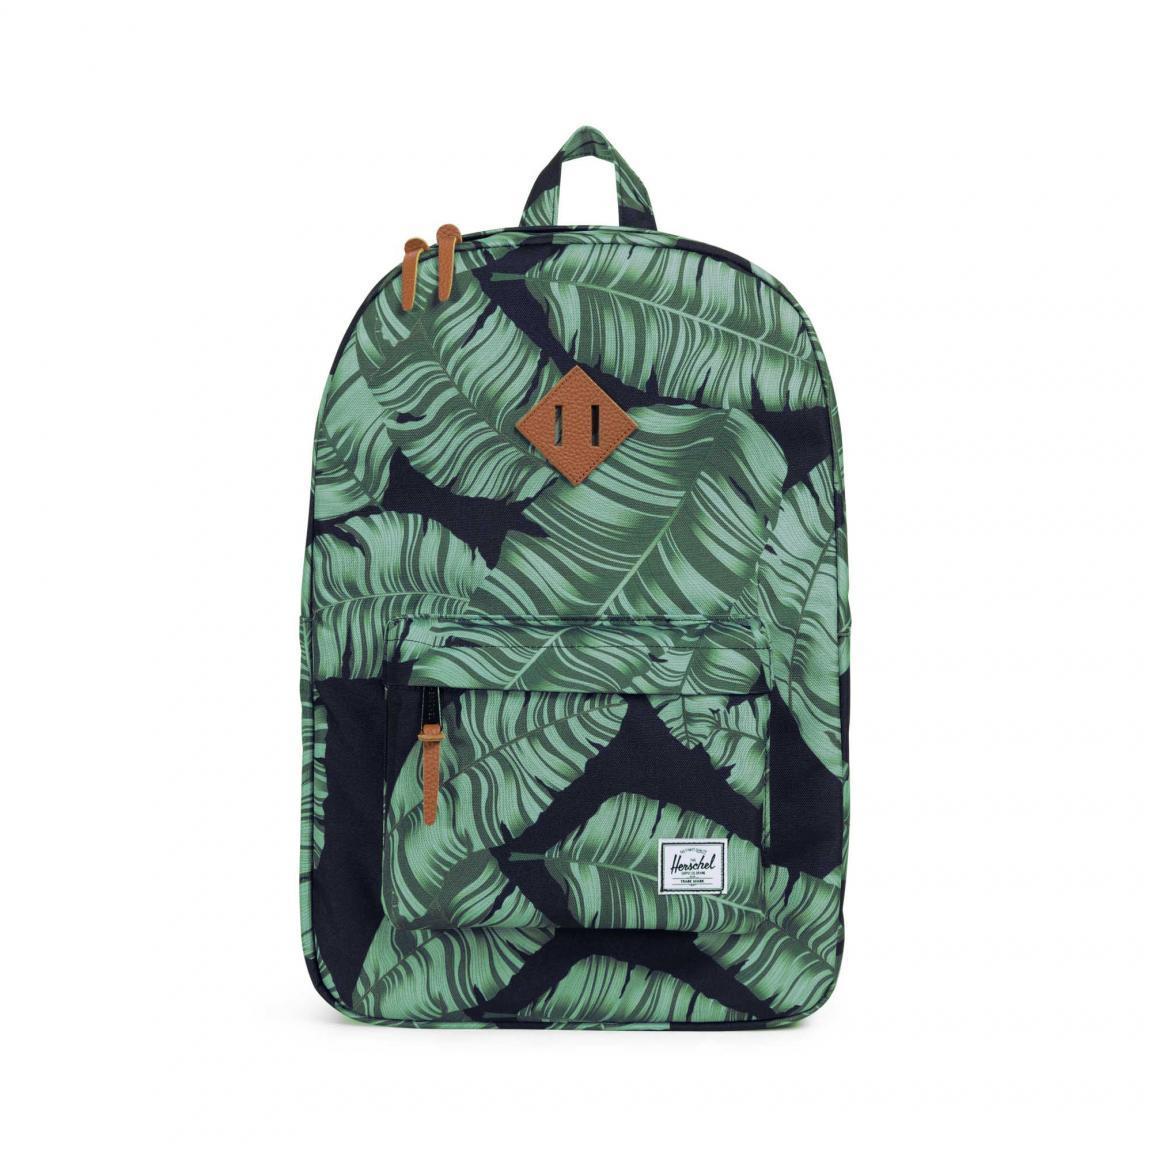 Herschel Heritage Schulrucksack grün schwarz Blätter